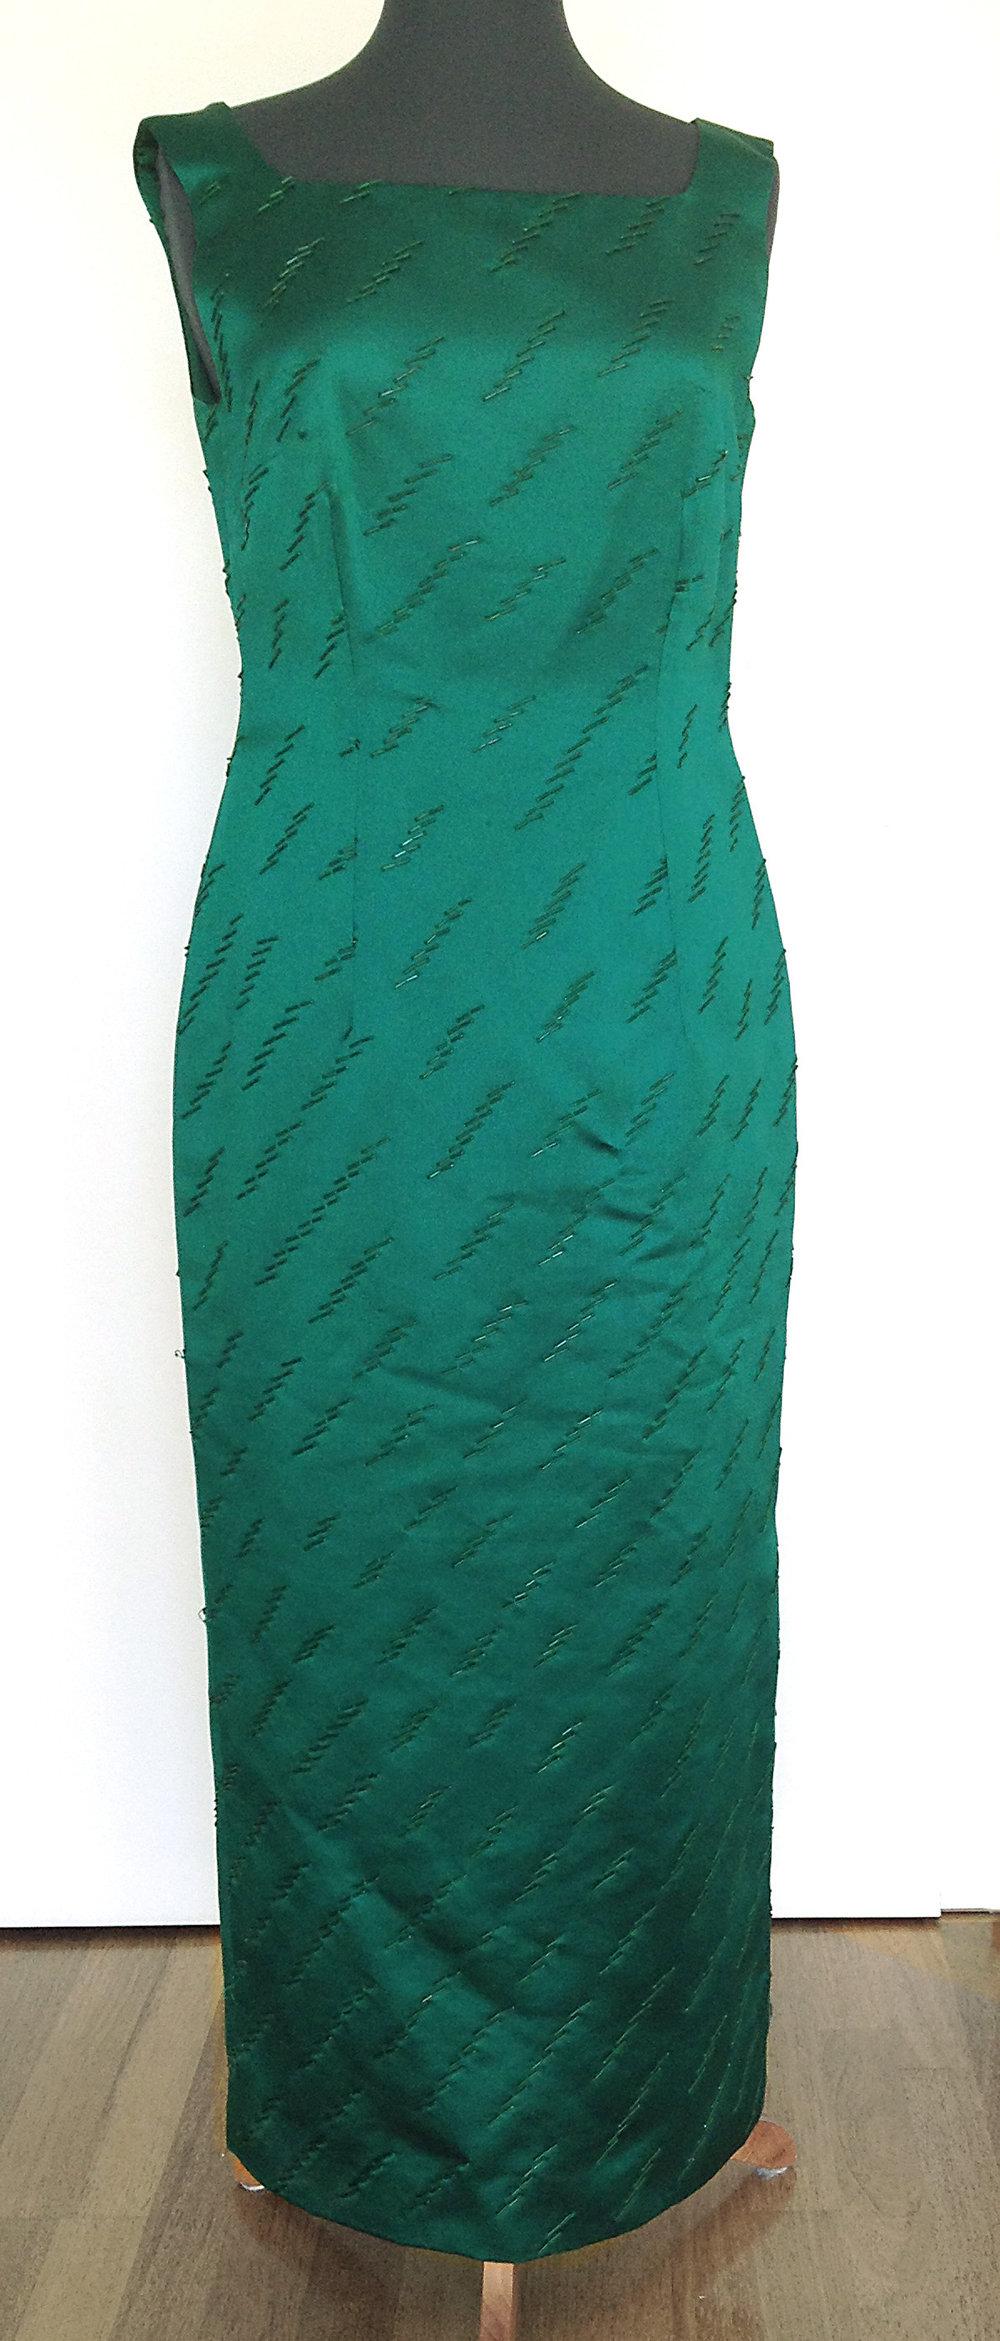 Smaragdgrünes Abendkleid mit Glasperlen bestickt